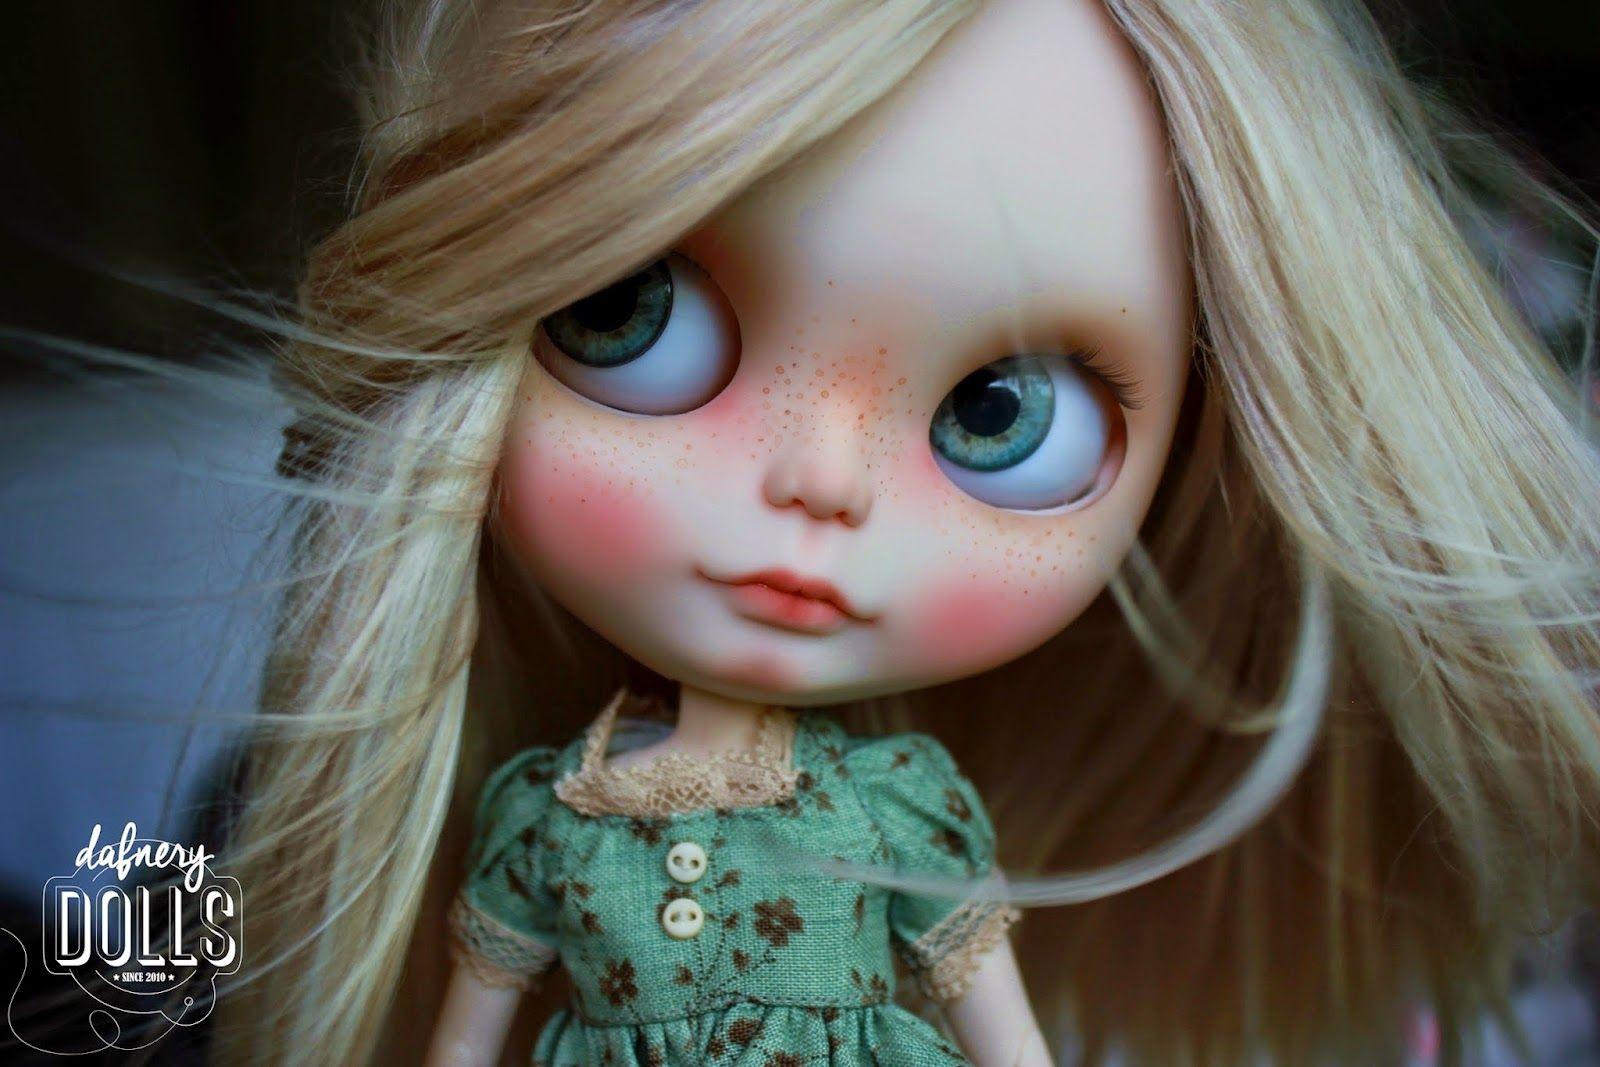 Dafnery dolls куклы pinterest dolls